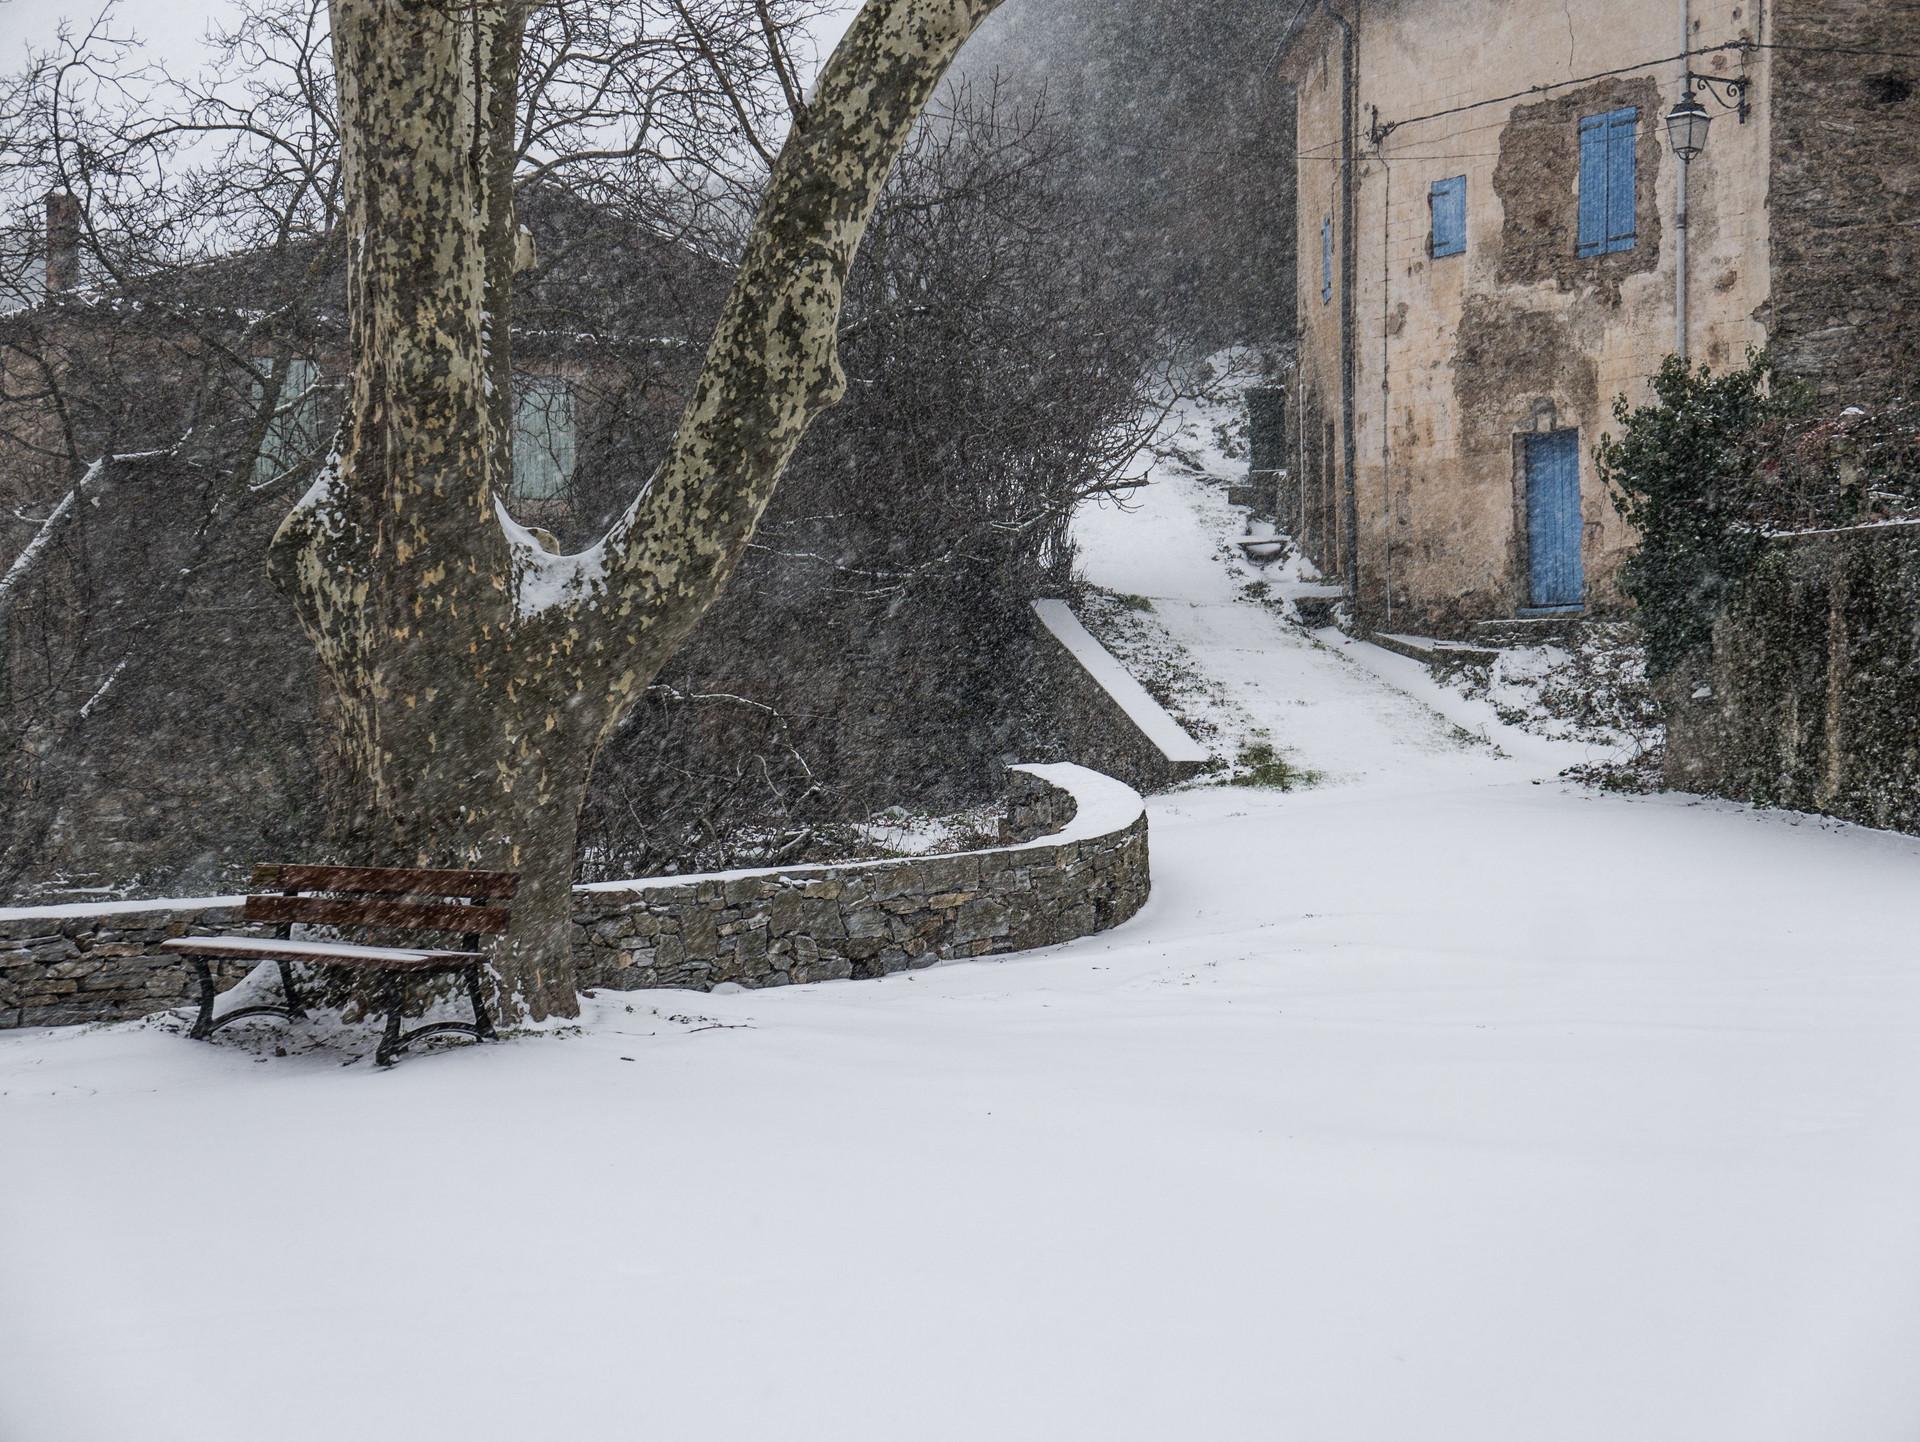 Un matin sous la neige, Hérault, France